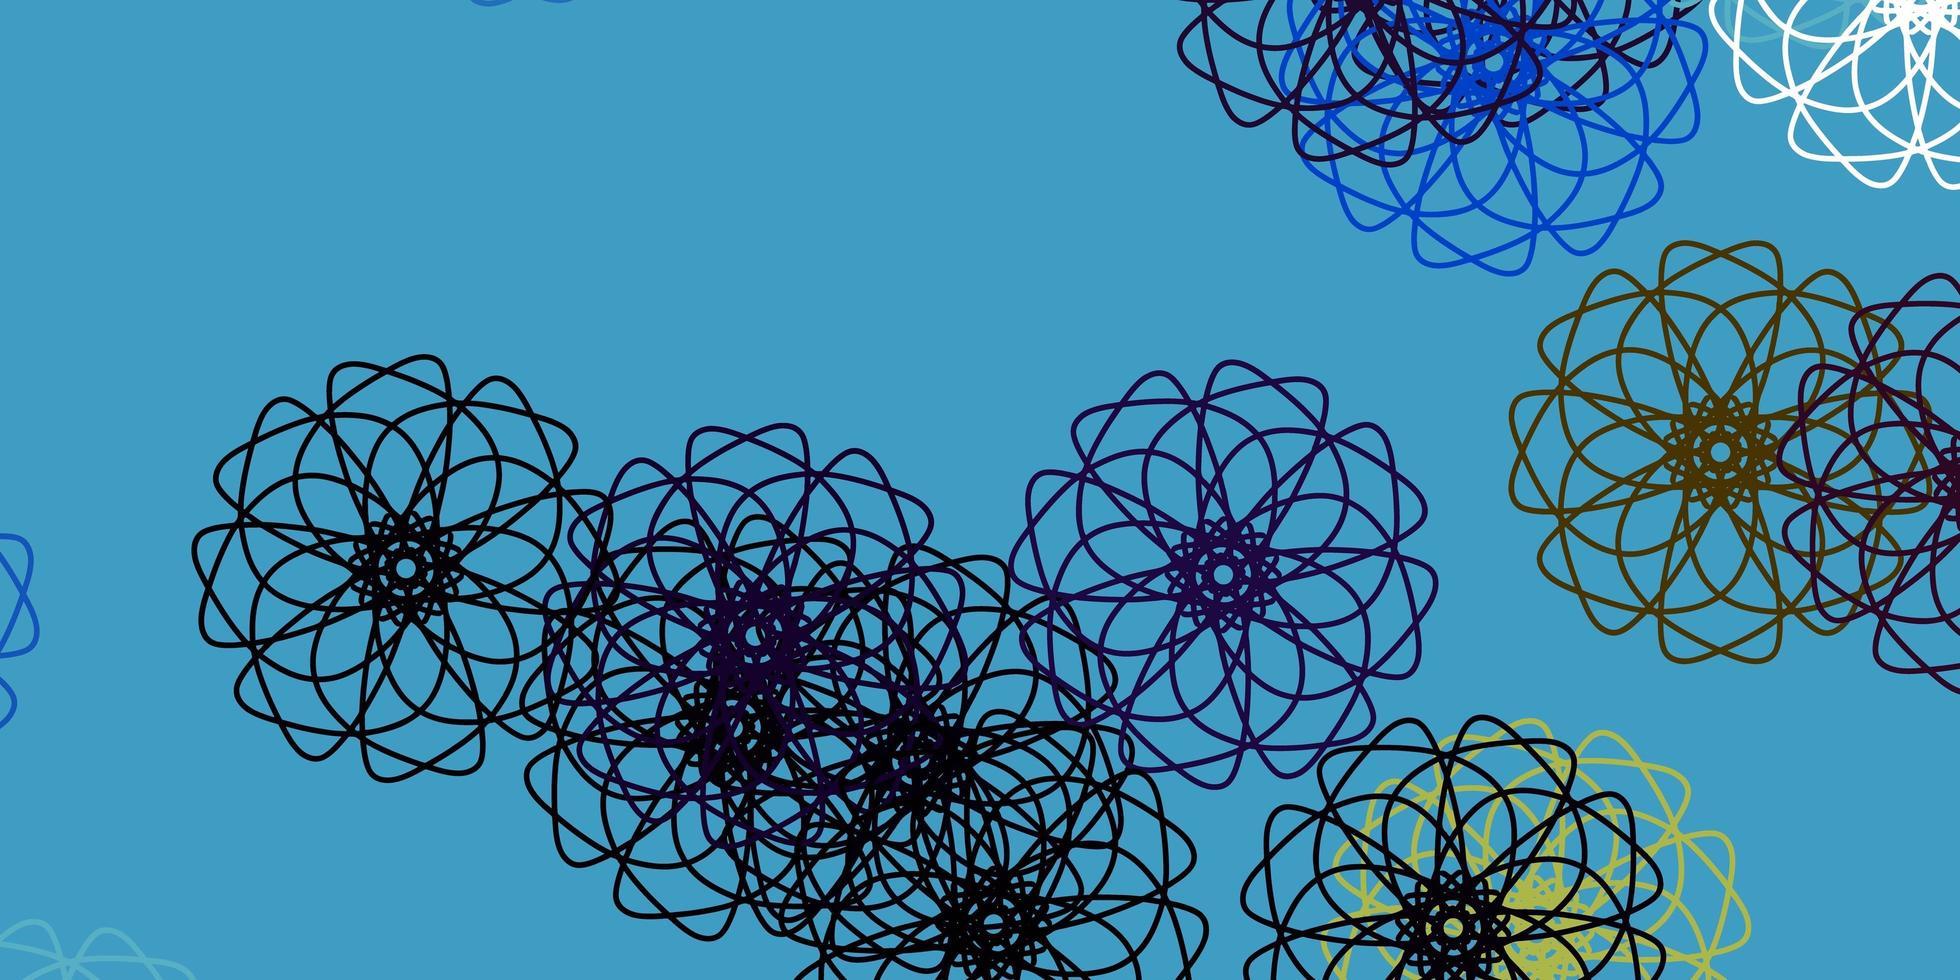 hellblaue, gelbe Vektor-Gekritzelschablone mit Blumen. vektor